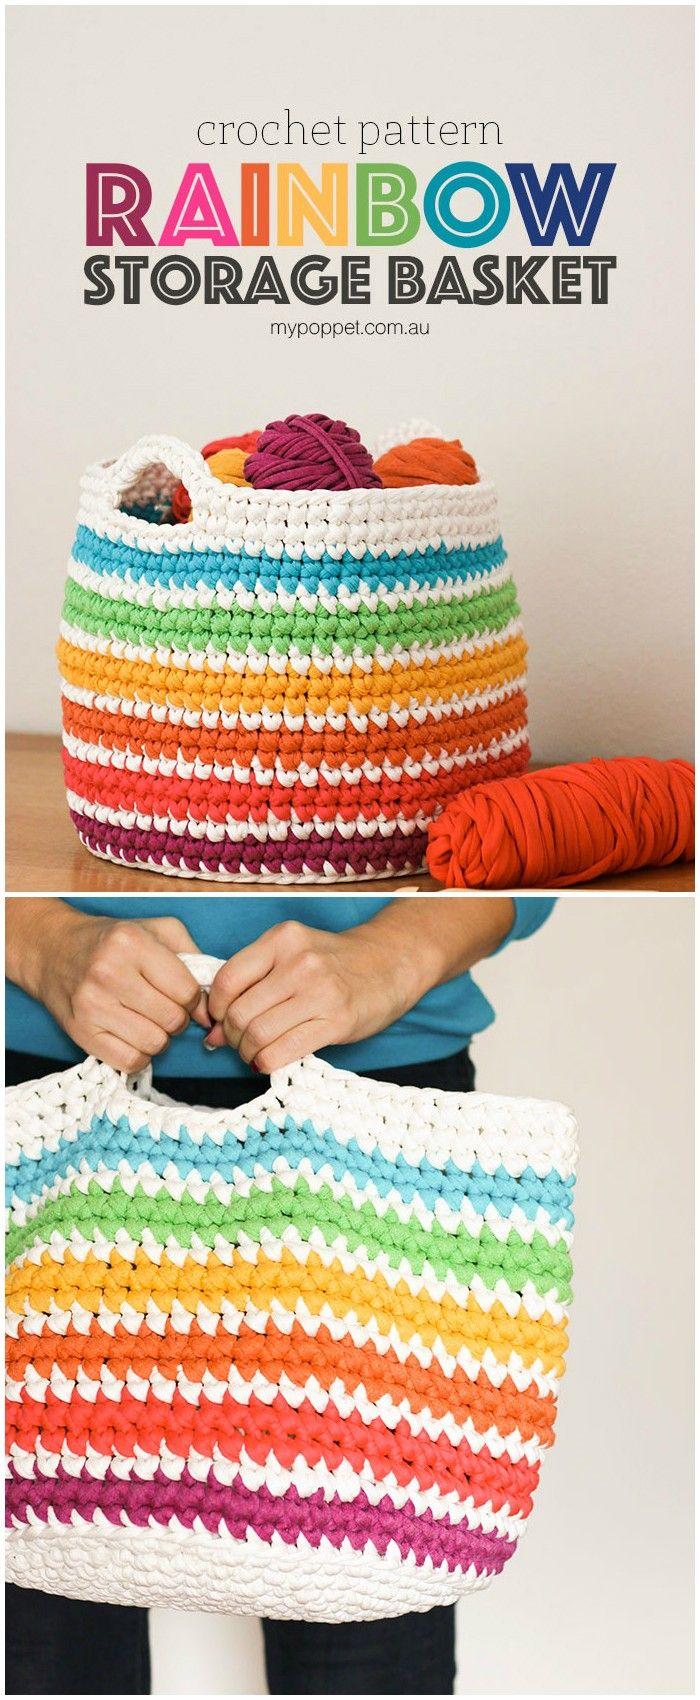 Pin de Cheryl Bodling en Crochet | Pinterest | Hebras, Trapillo y ...